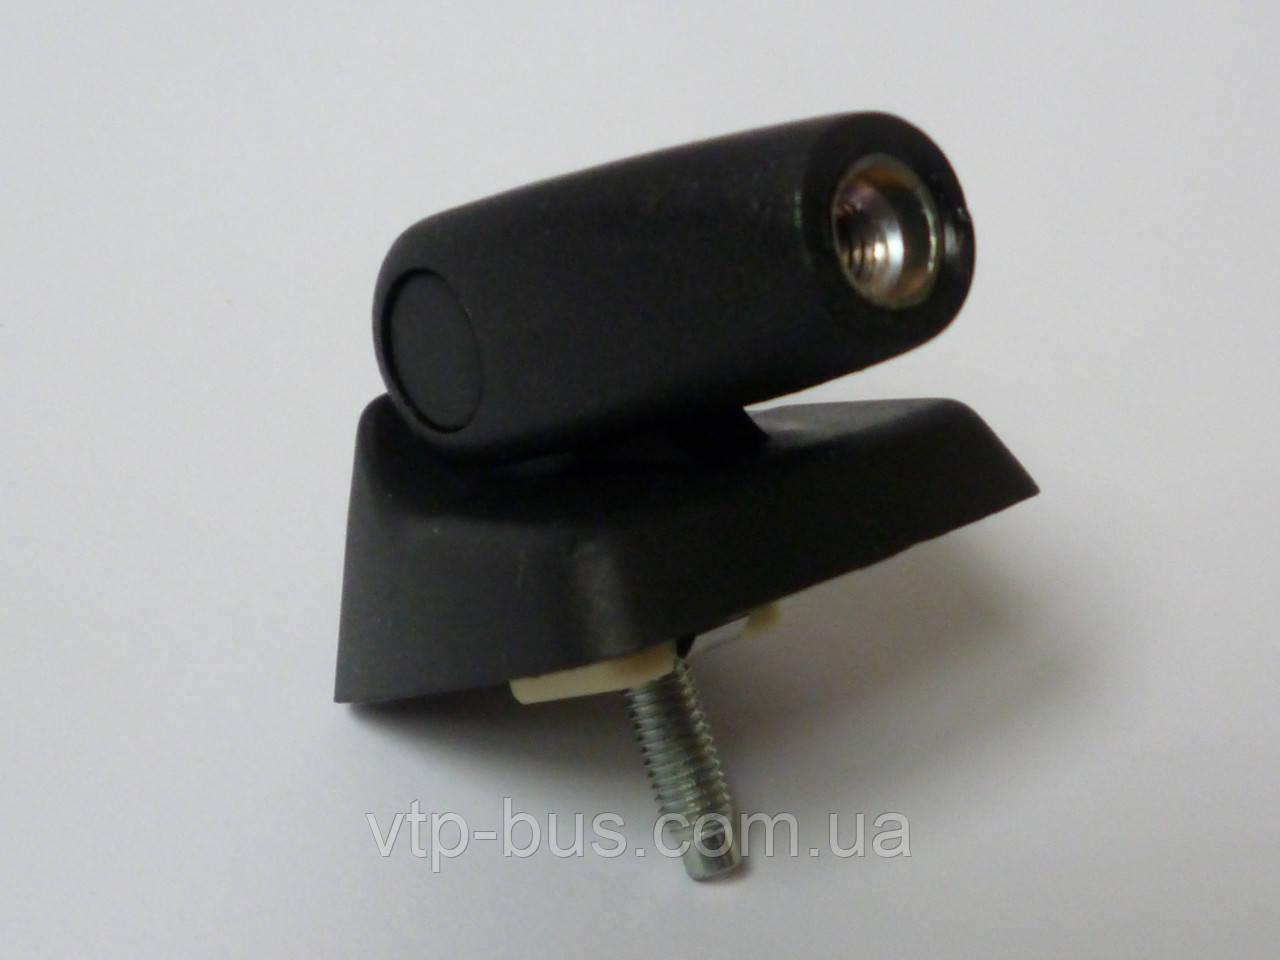 Крепление антенны радиоприёмника на Renault Trafic / Opel Vivaro с 2001... Renault (оригинал), 8200696701